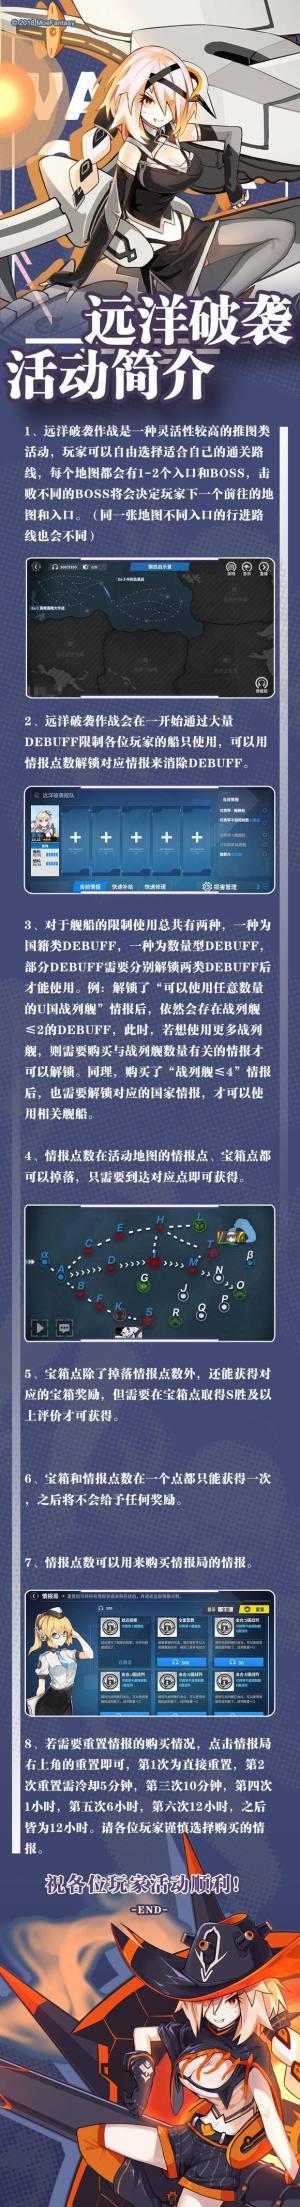 战舰少女R四周年远洋破袭作战攻略大全:钢铁启示录EX1-6全新打法攻略图片2